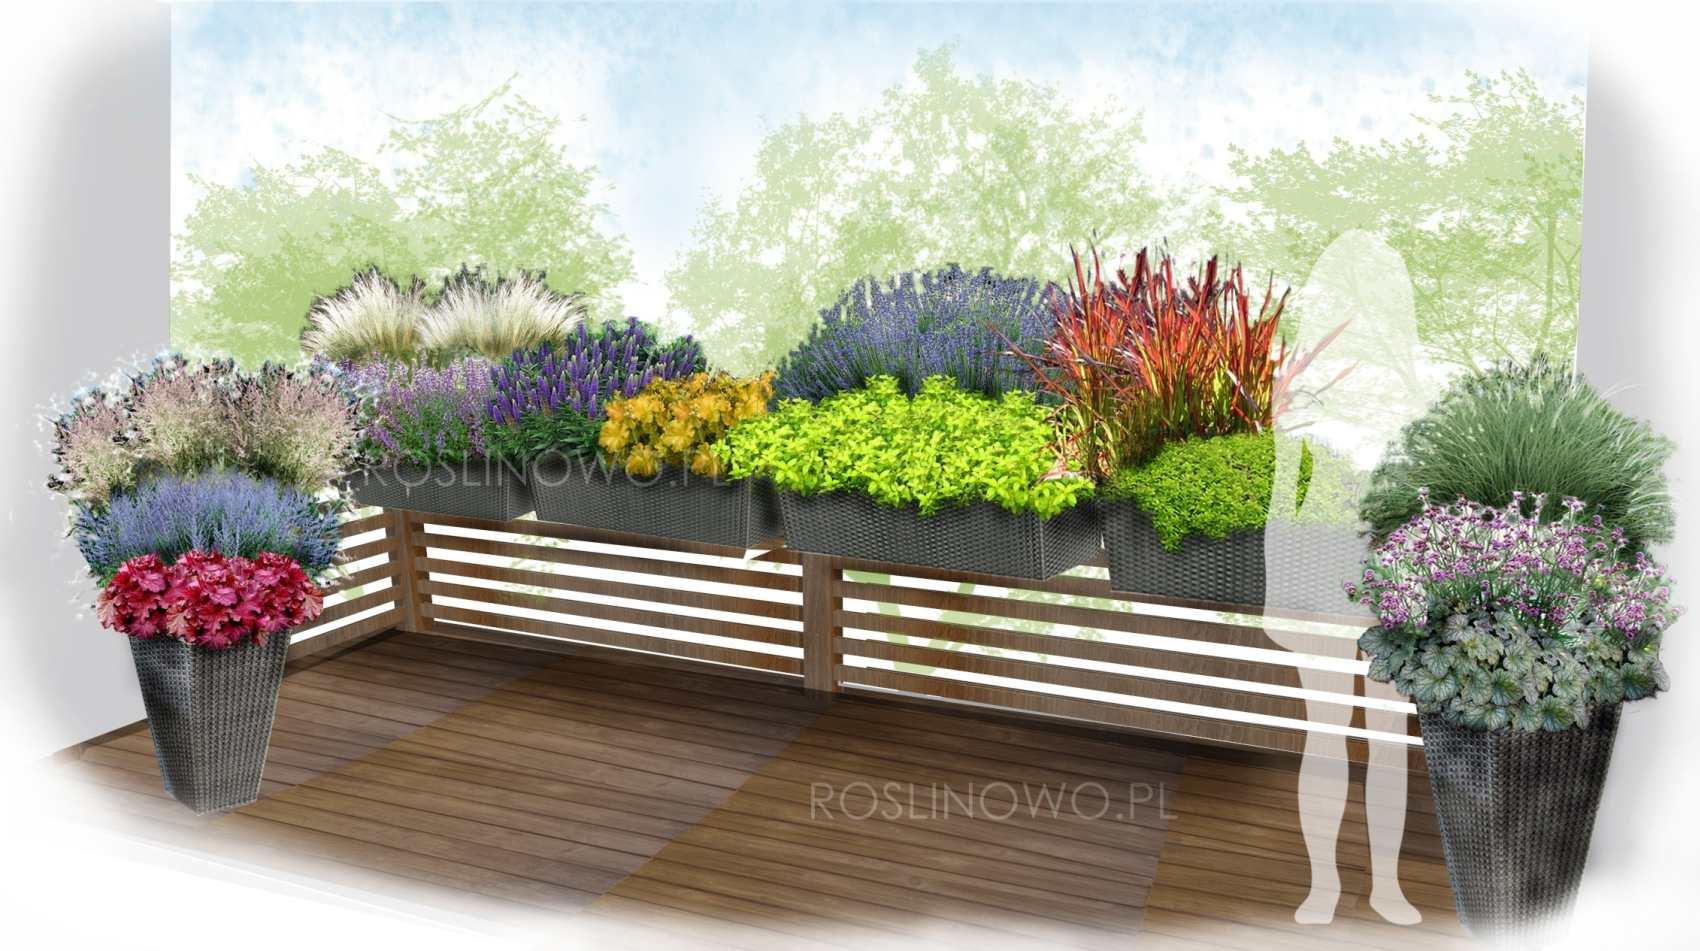 Wizualizacja - kompozycja na balkon